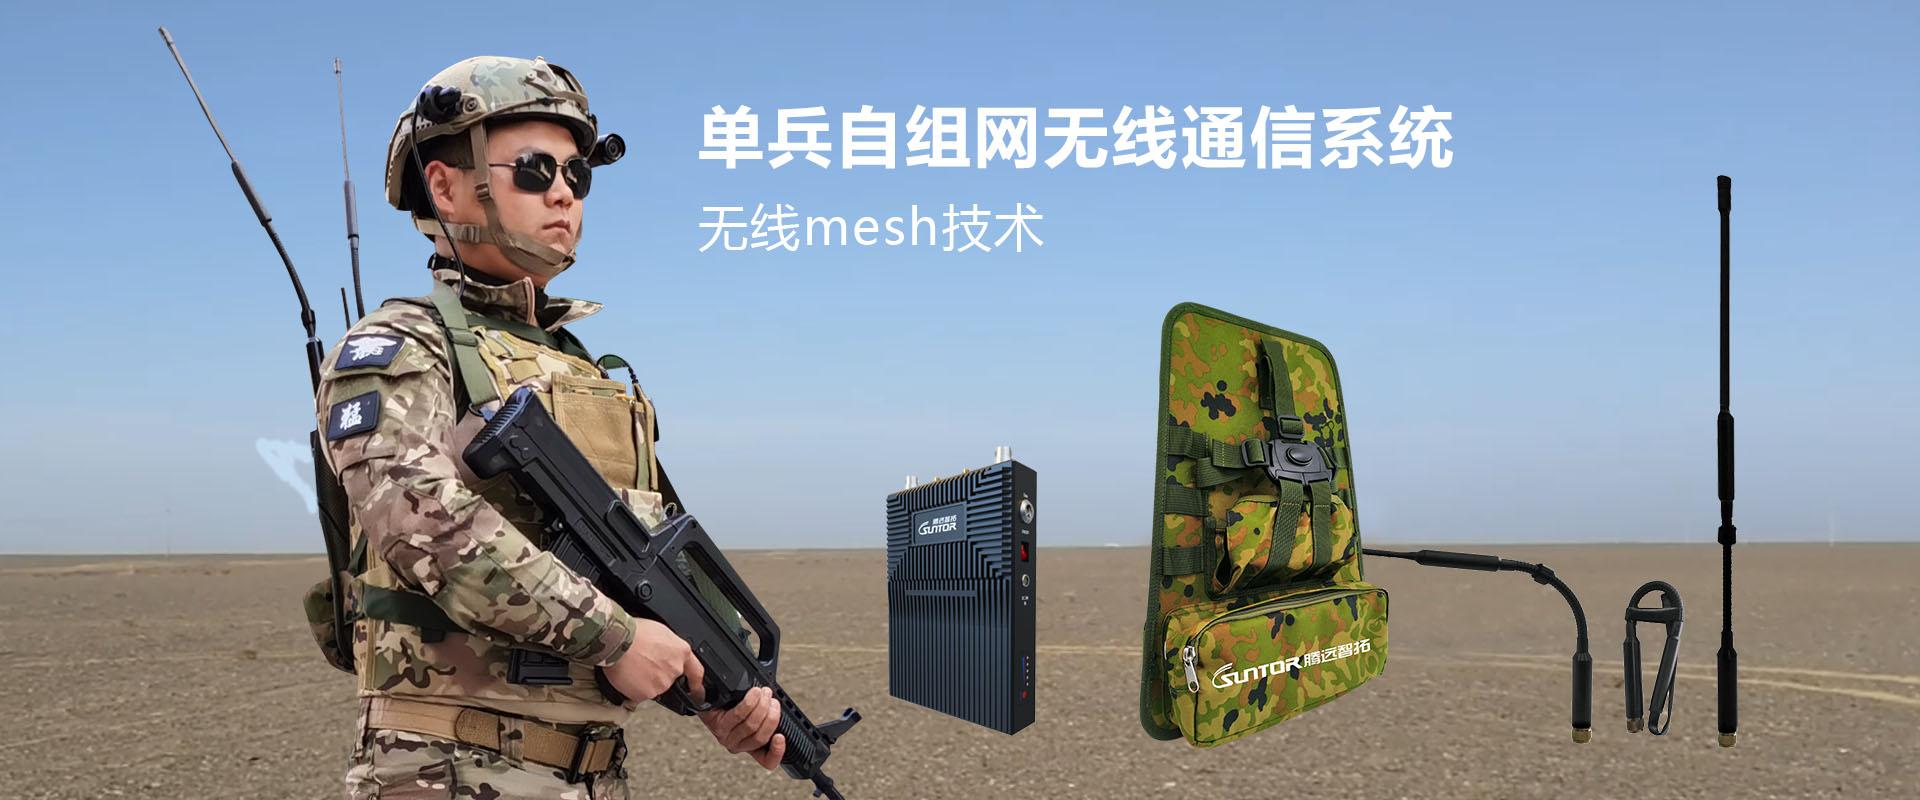 單兵組網無線通信(xin)設備